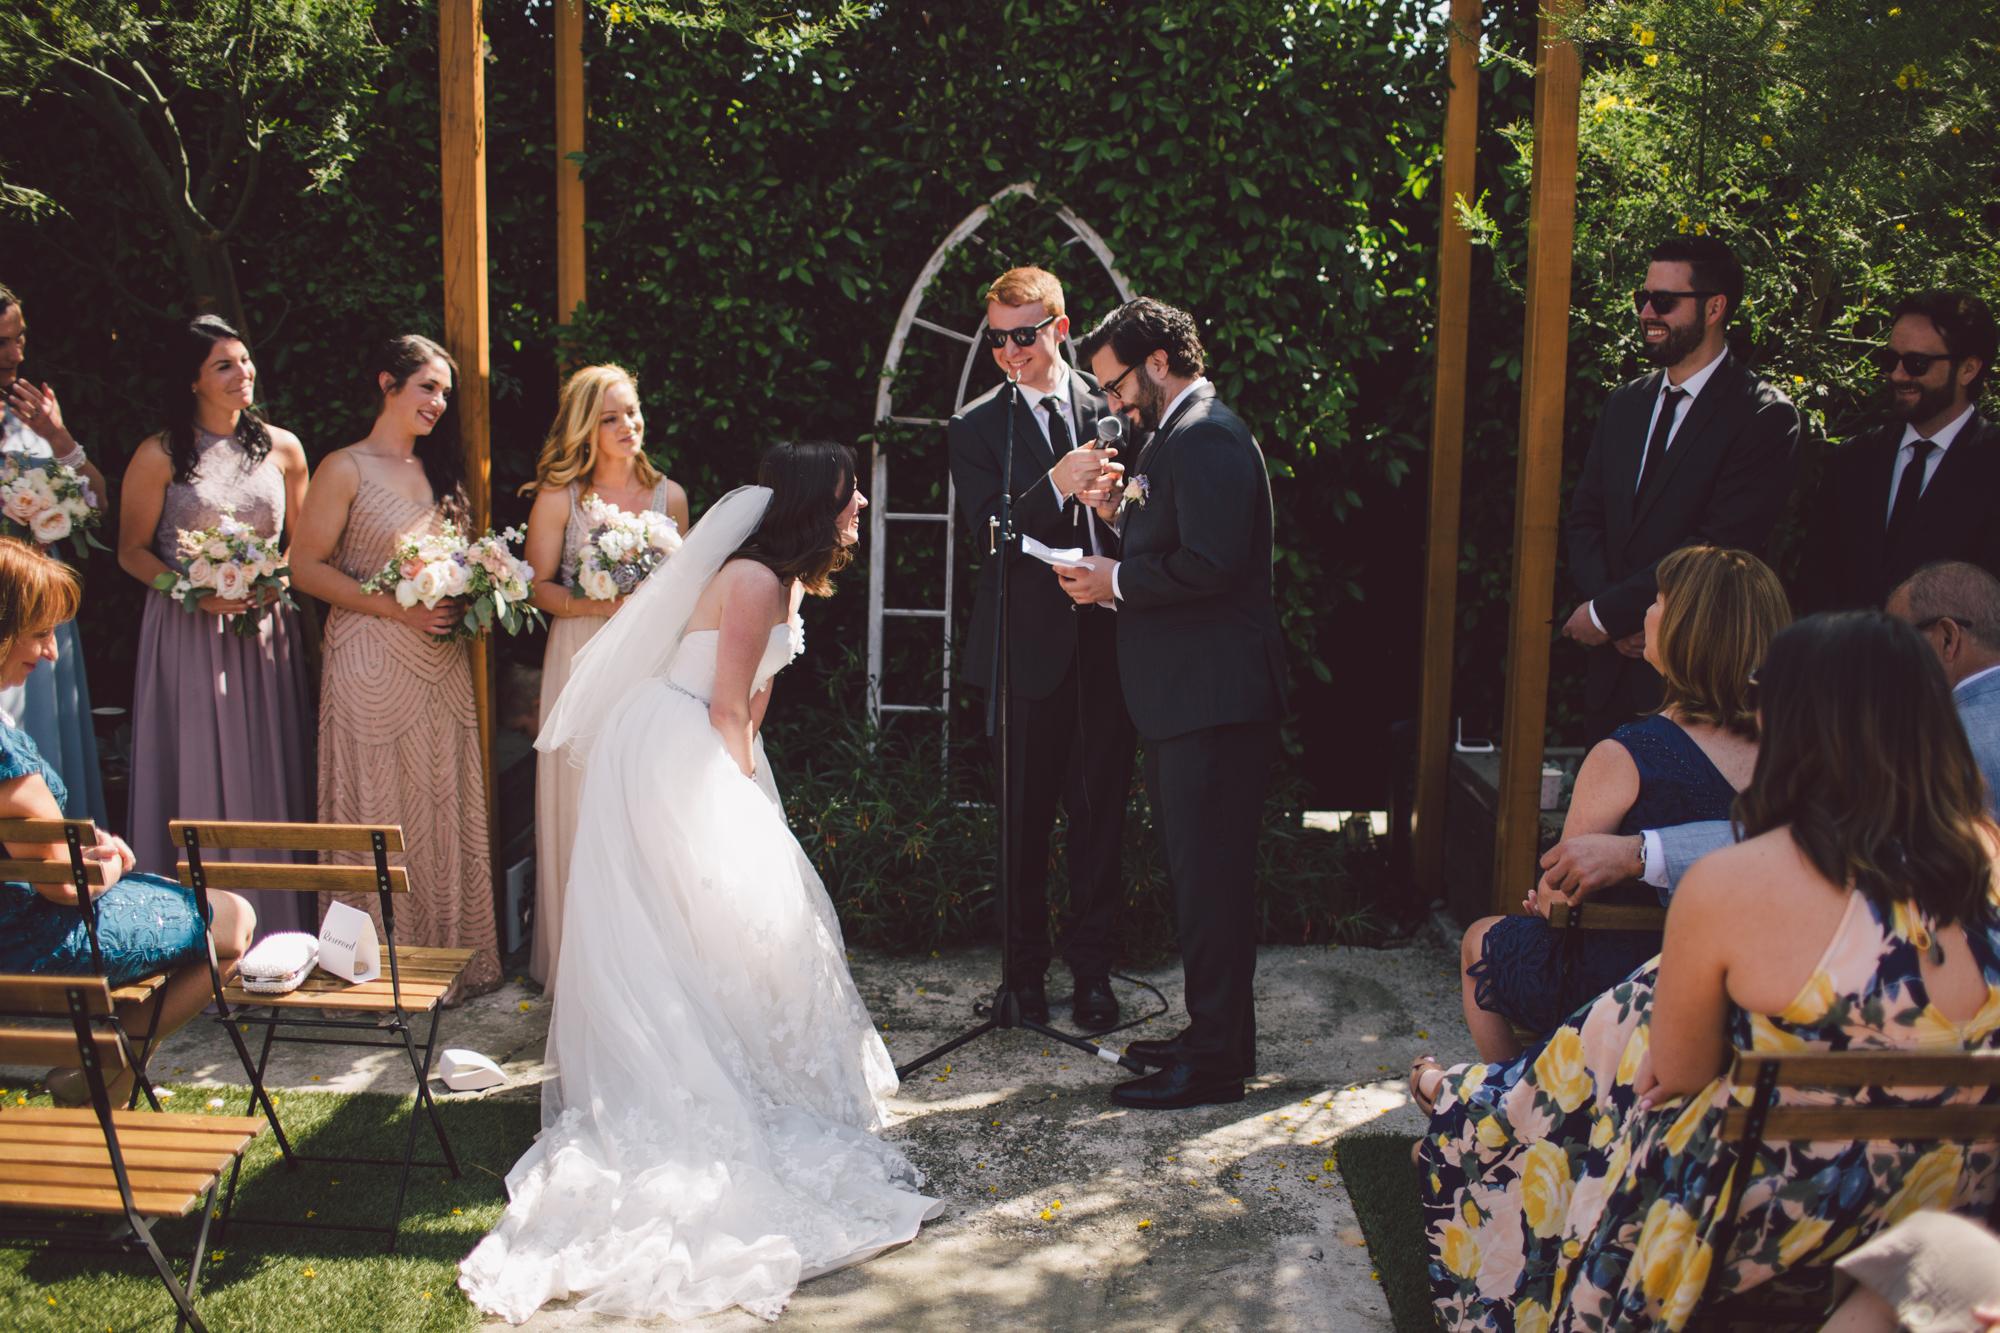 outdoor ceremony-los angeles-cool wedding venue-destination